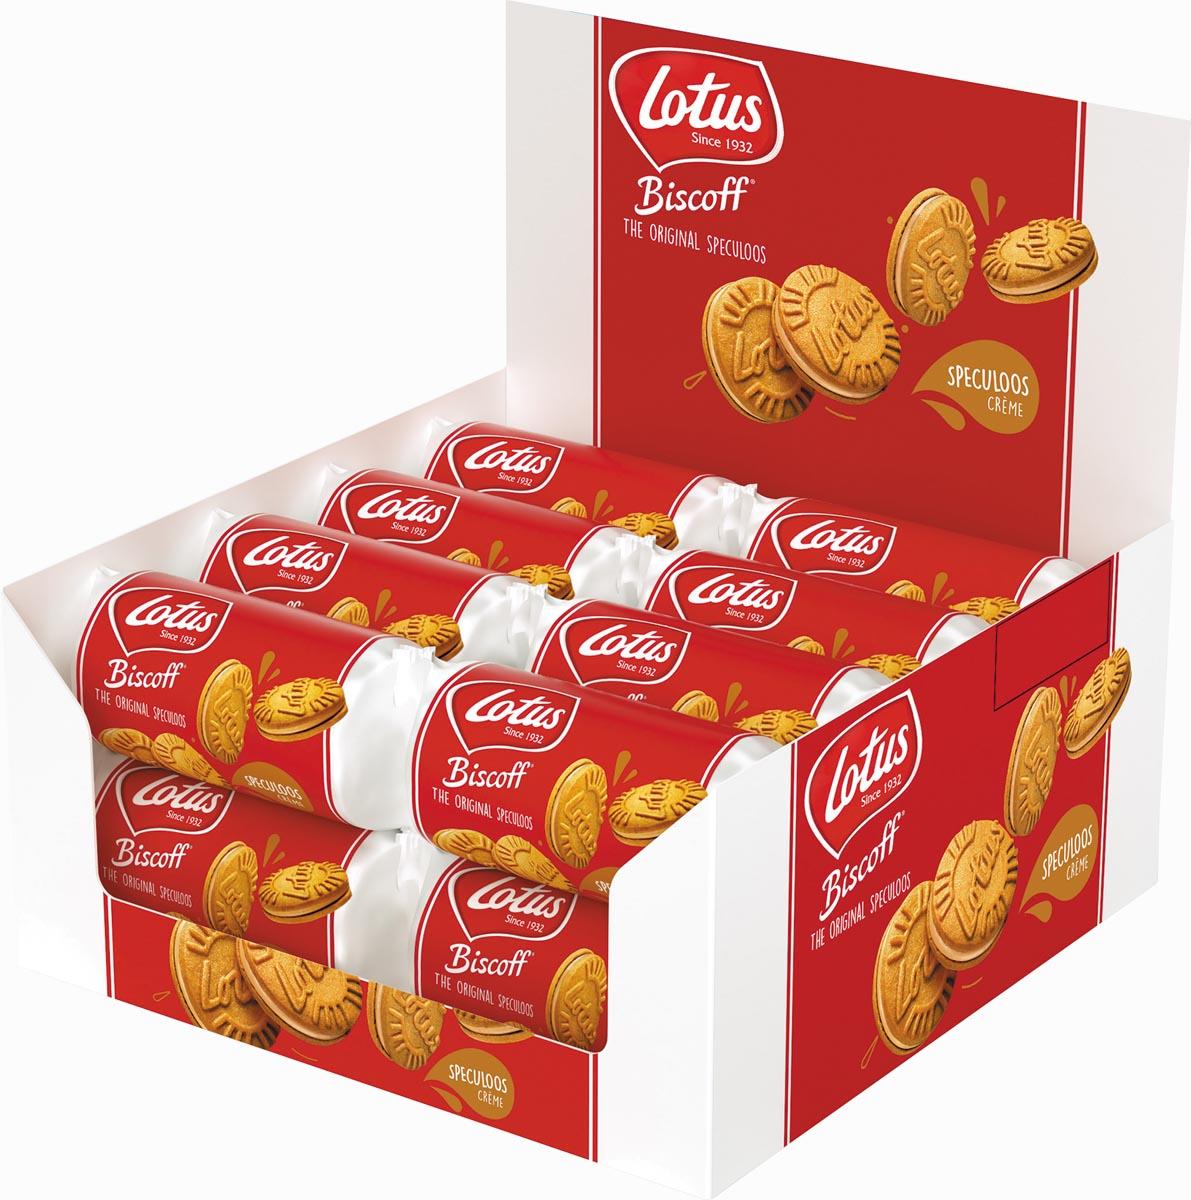 Lotus Biscoff gevulde speculoos, display van 16 stuks met 5 koekjes, 50 g, speculooscrème